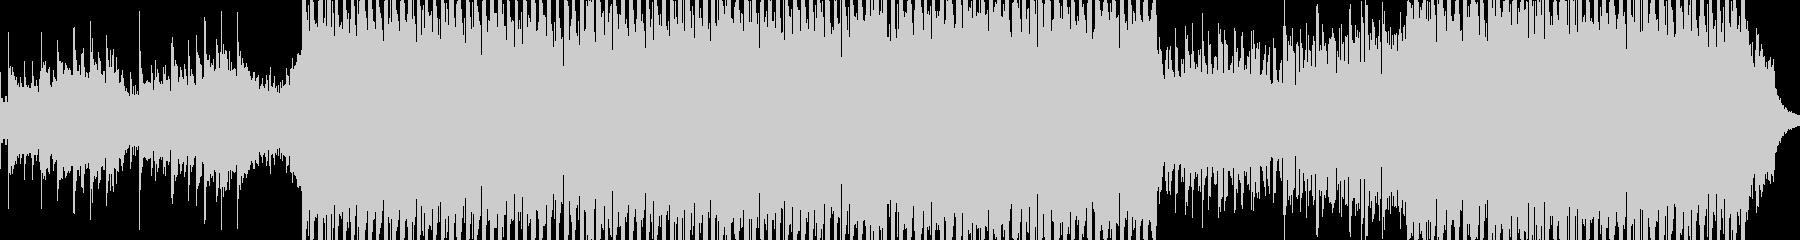 蛍の光/ポップアレンジの未再生の波形